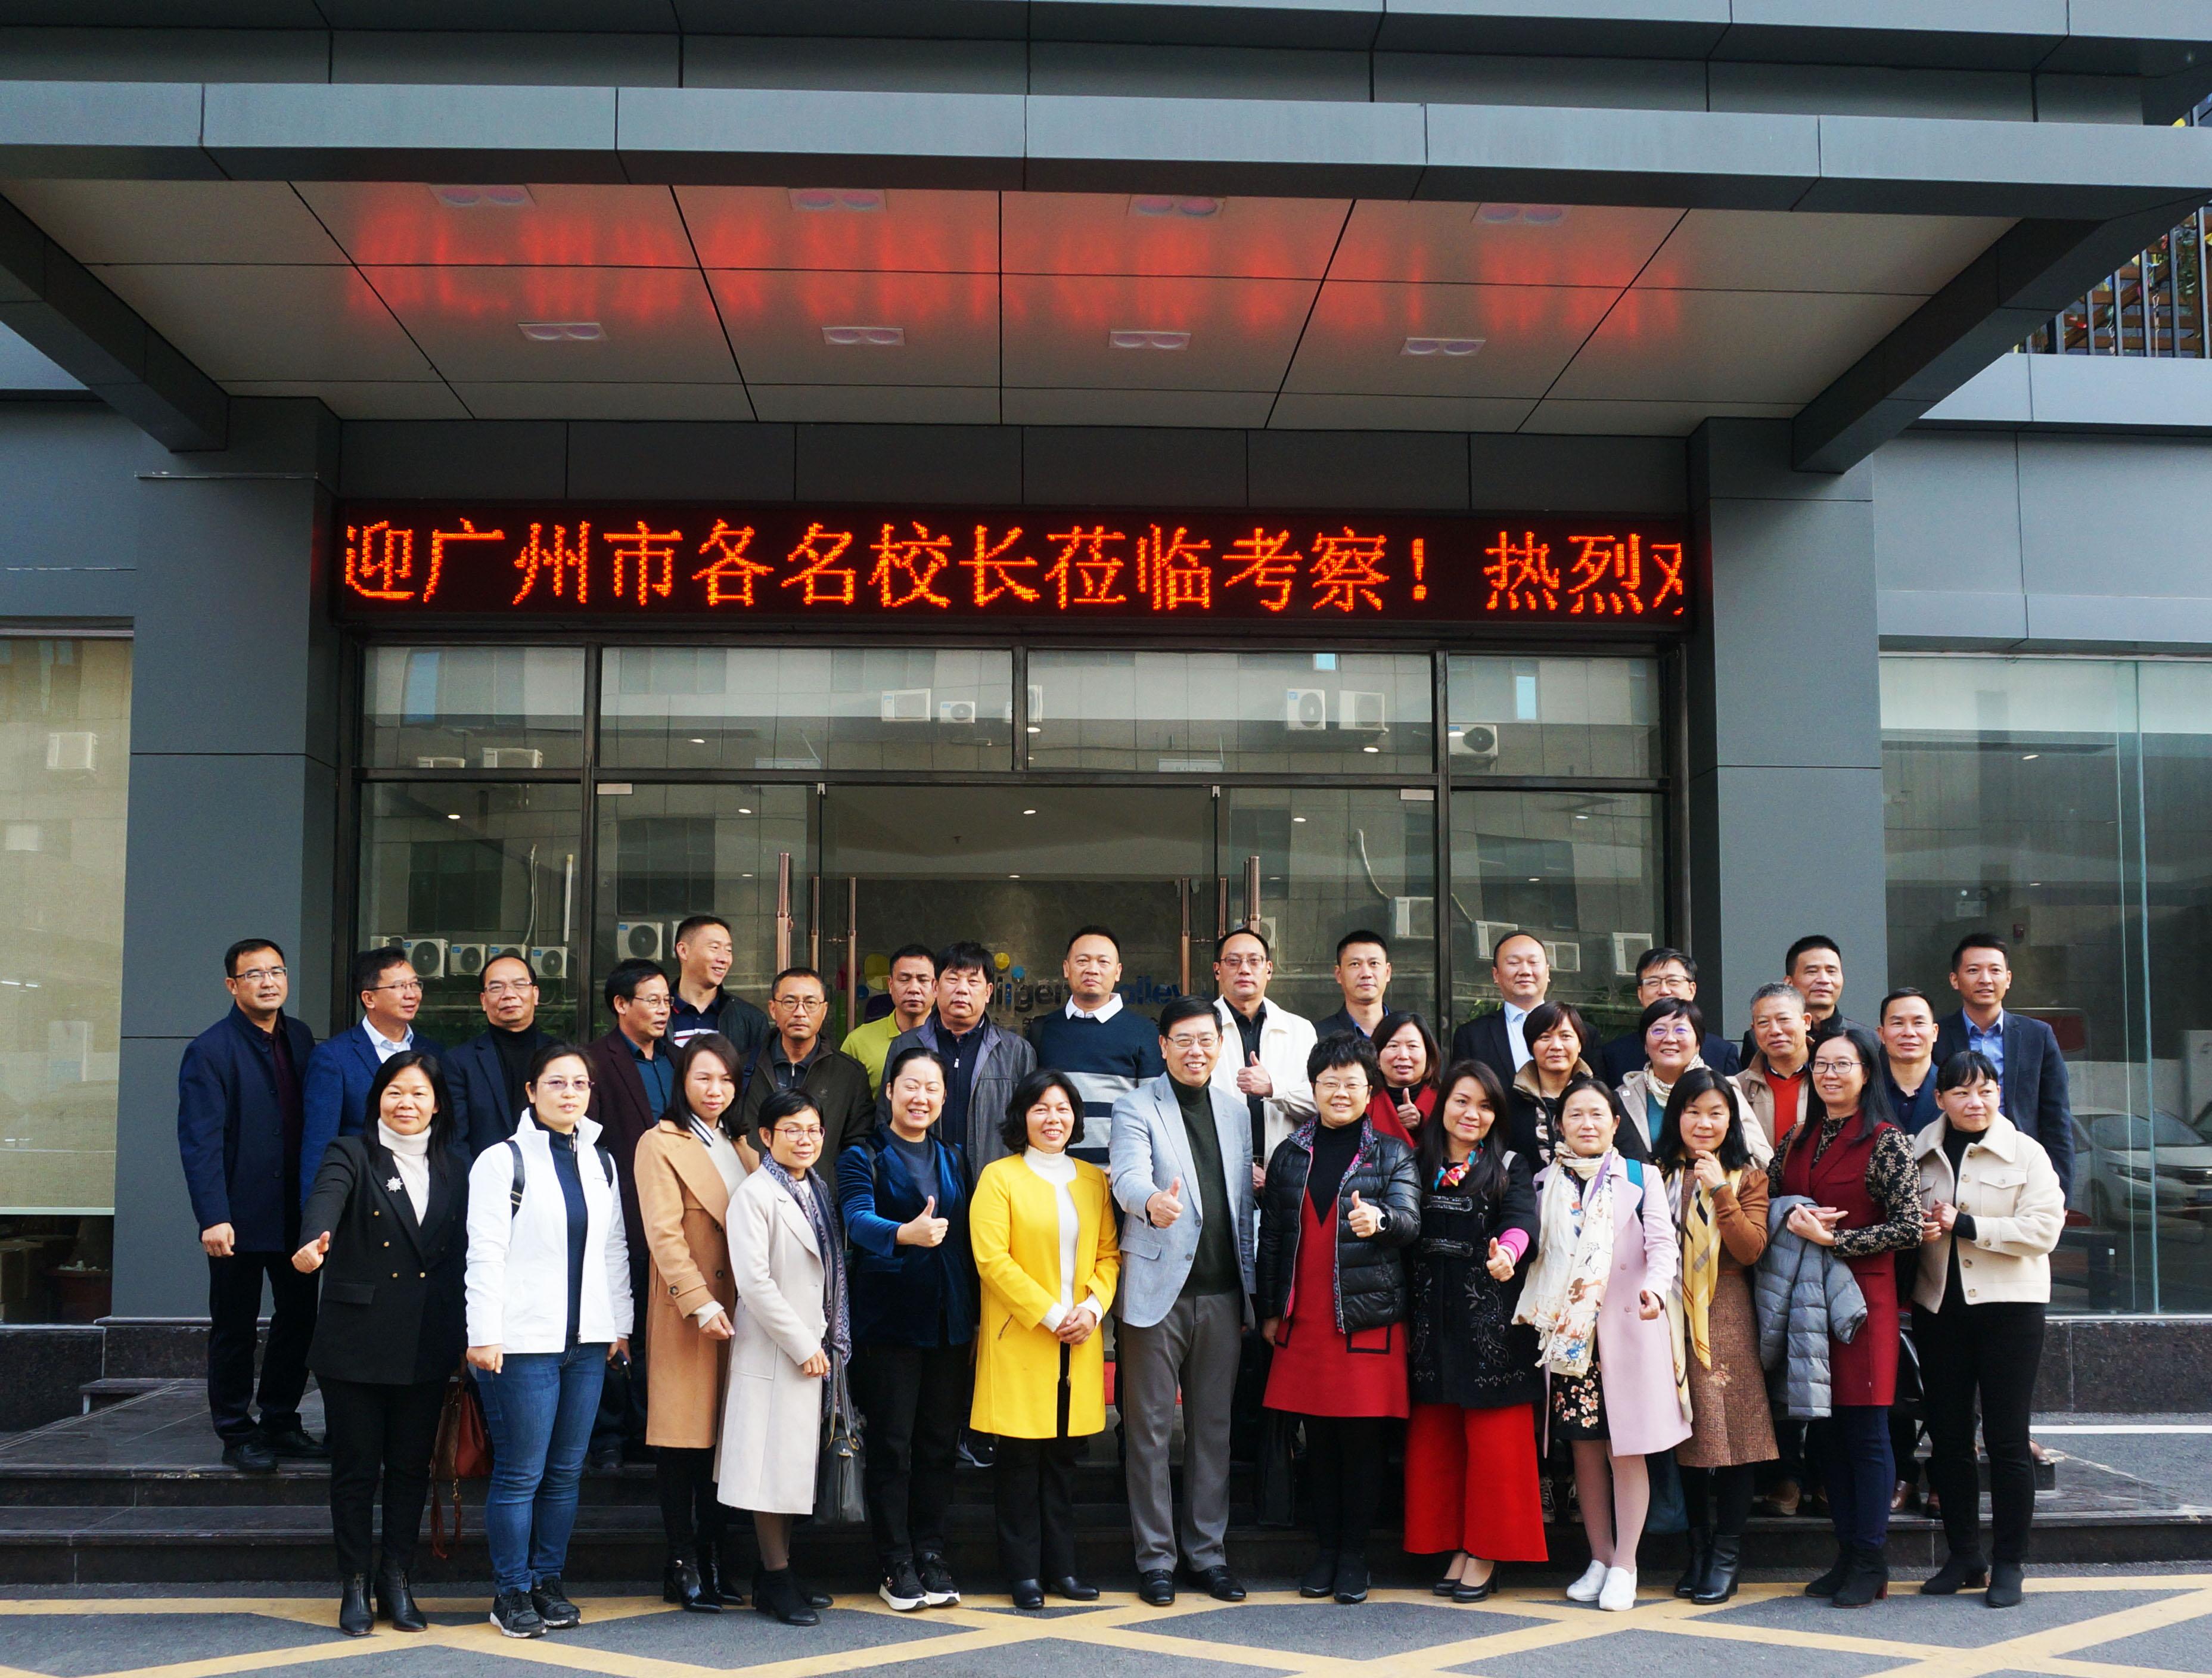 广州市36位名校长莅临国粒参观指导